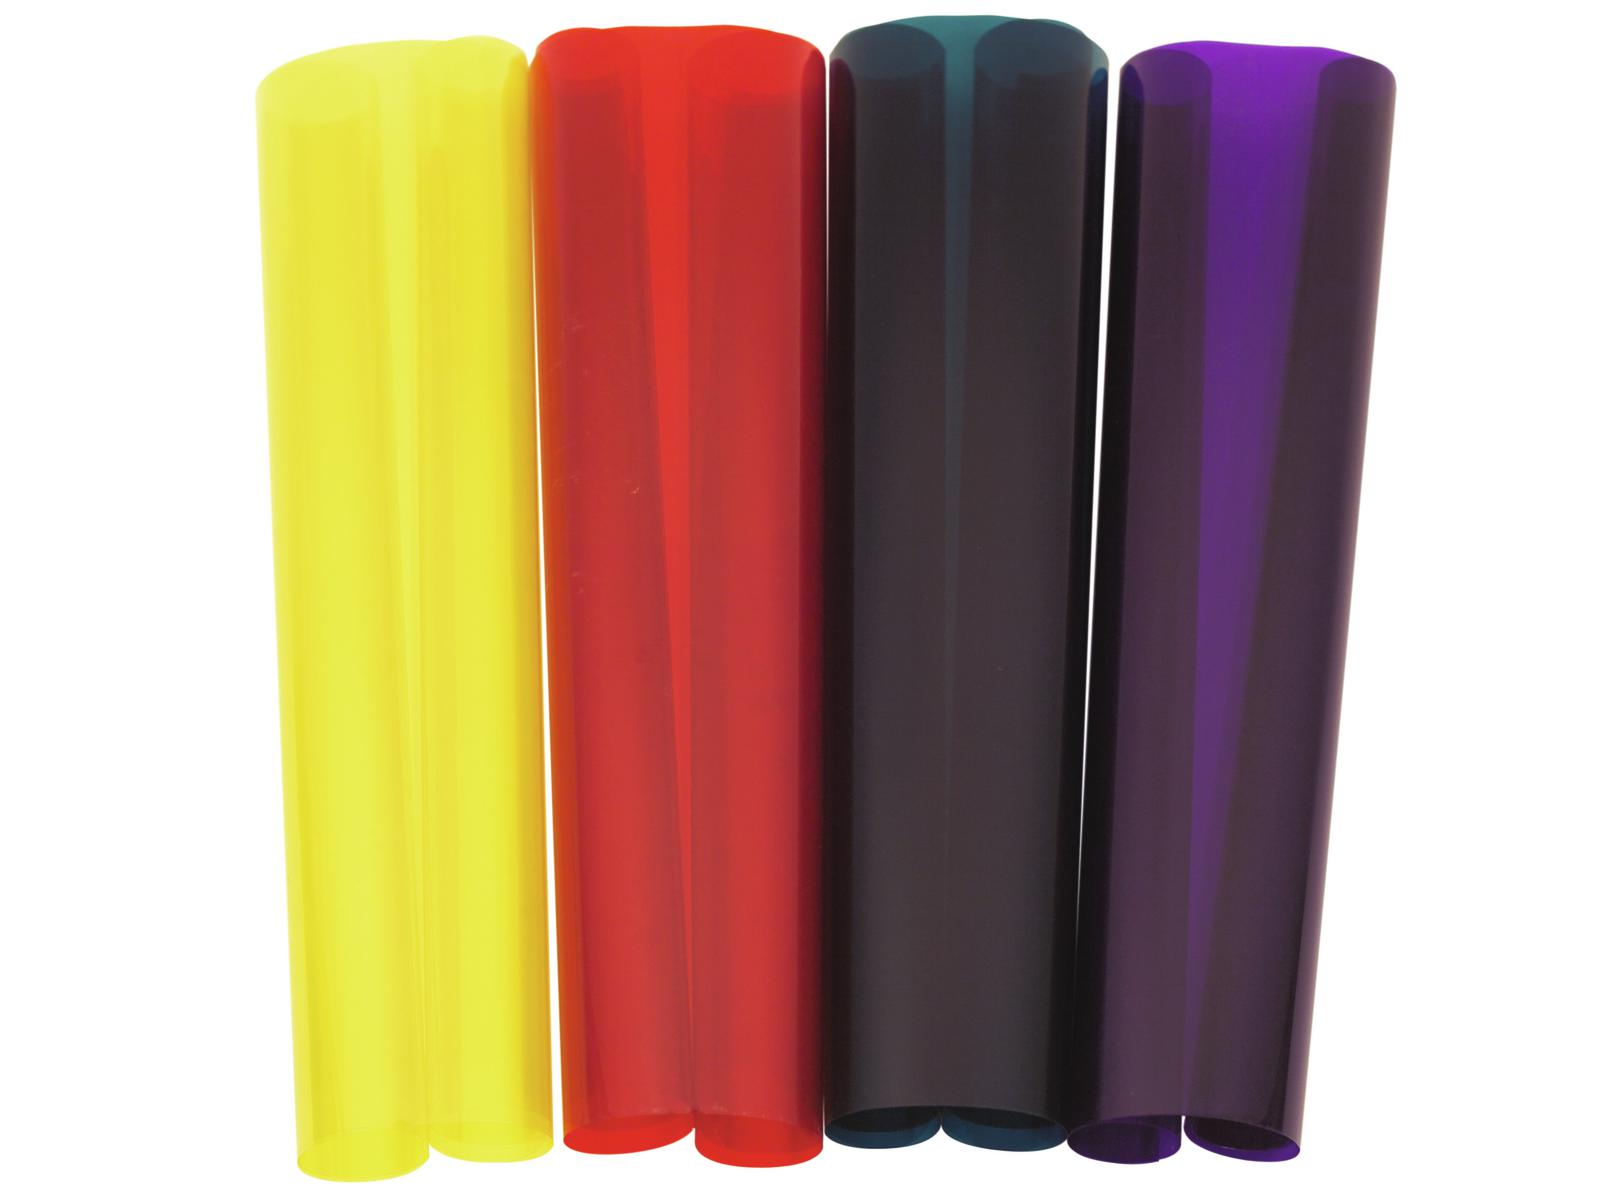 Gelatina Rotolo Foglio Filtro Per Tubo neon led 010 50x58cm giallo Eurolite